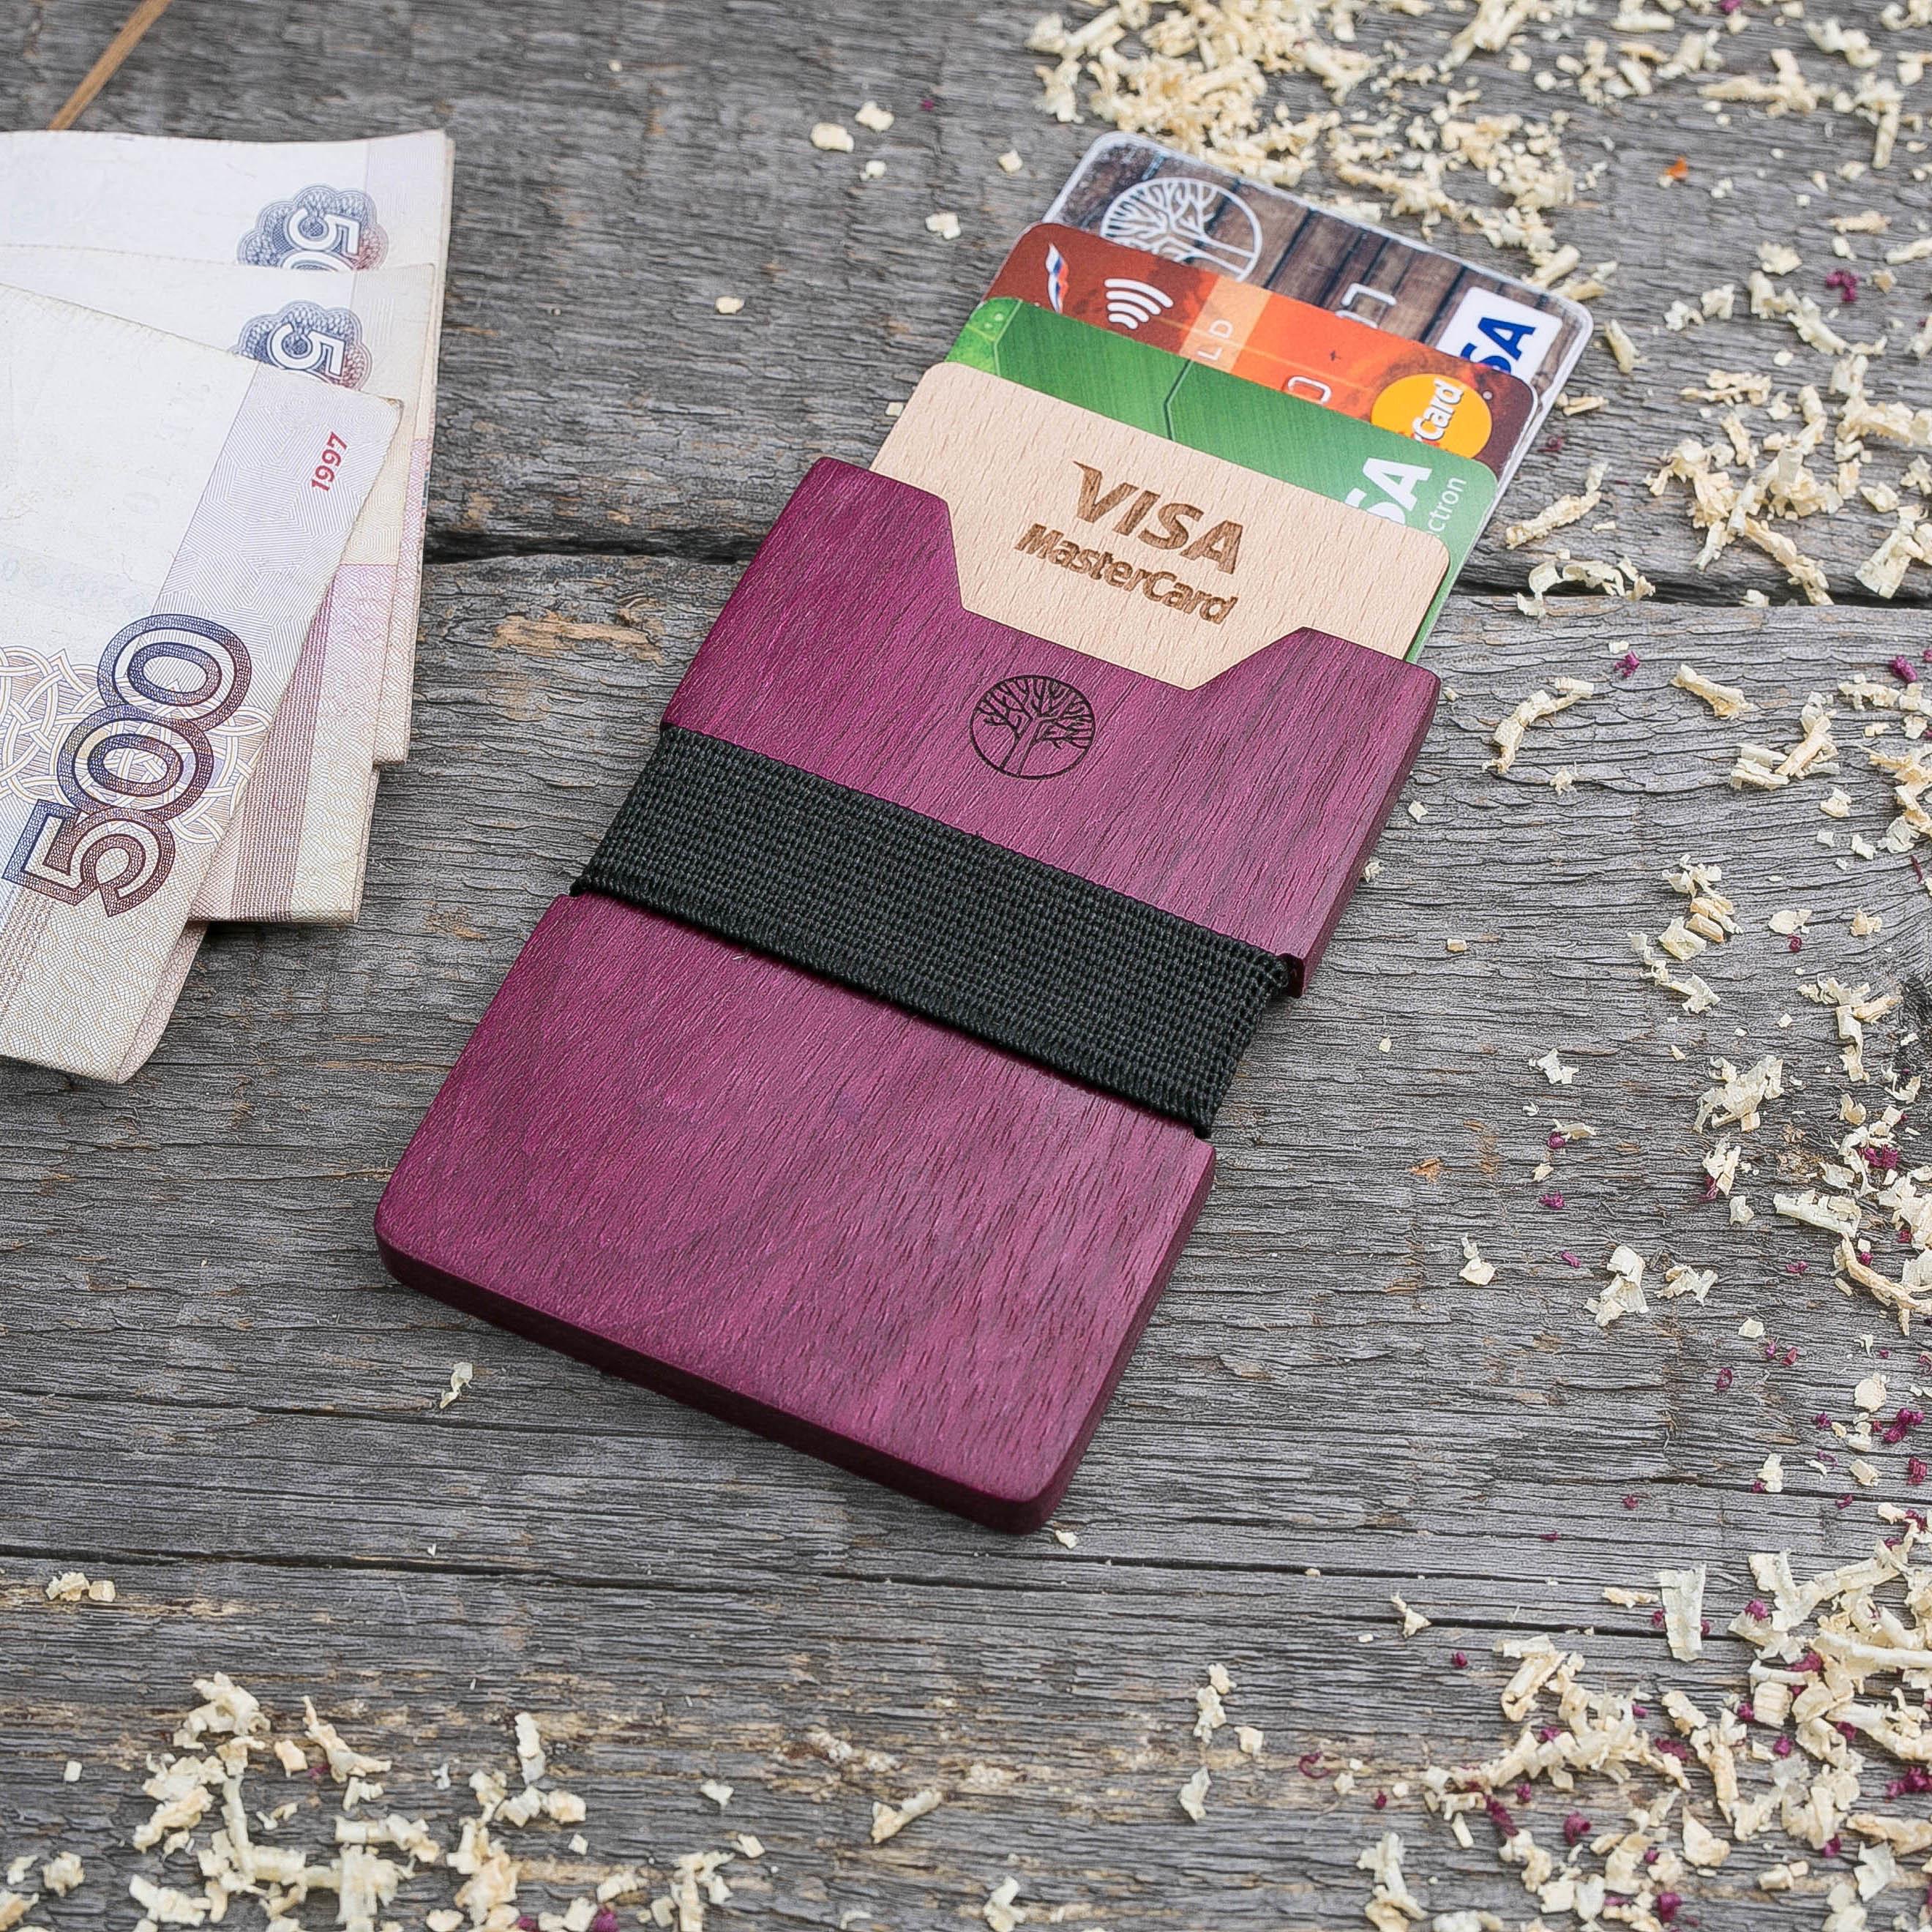 Деревянный кошелек из амаранта. Вертикальная загрузка. Для 1-6 пластиковых карт и купюр. Поддержка Apple Pay. Гравировка имени или логотипа. Бизнес сувенир. Подарок другу. Именной кошелек TwinsWallet-AmaranthV